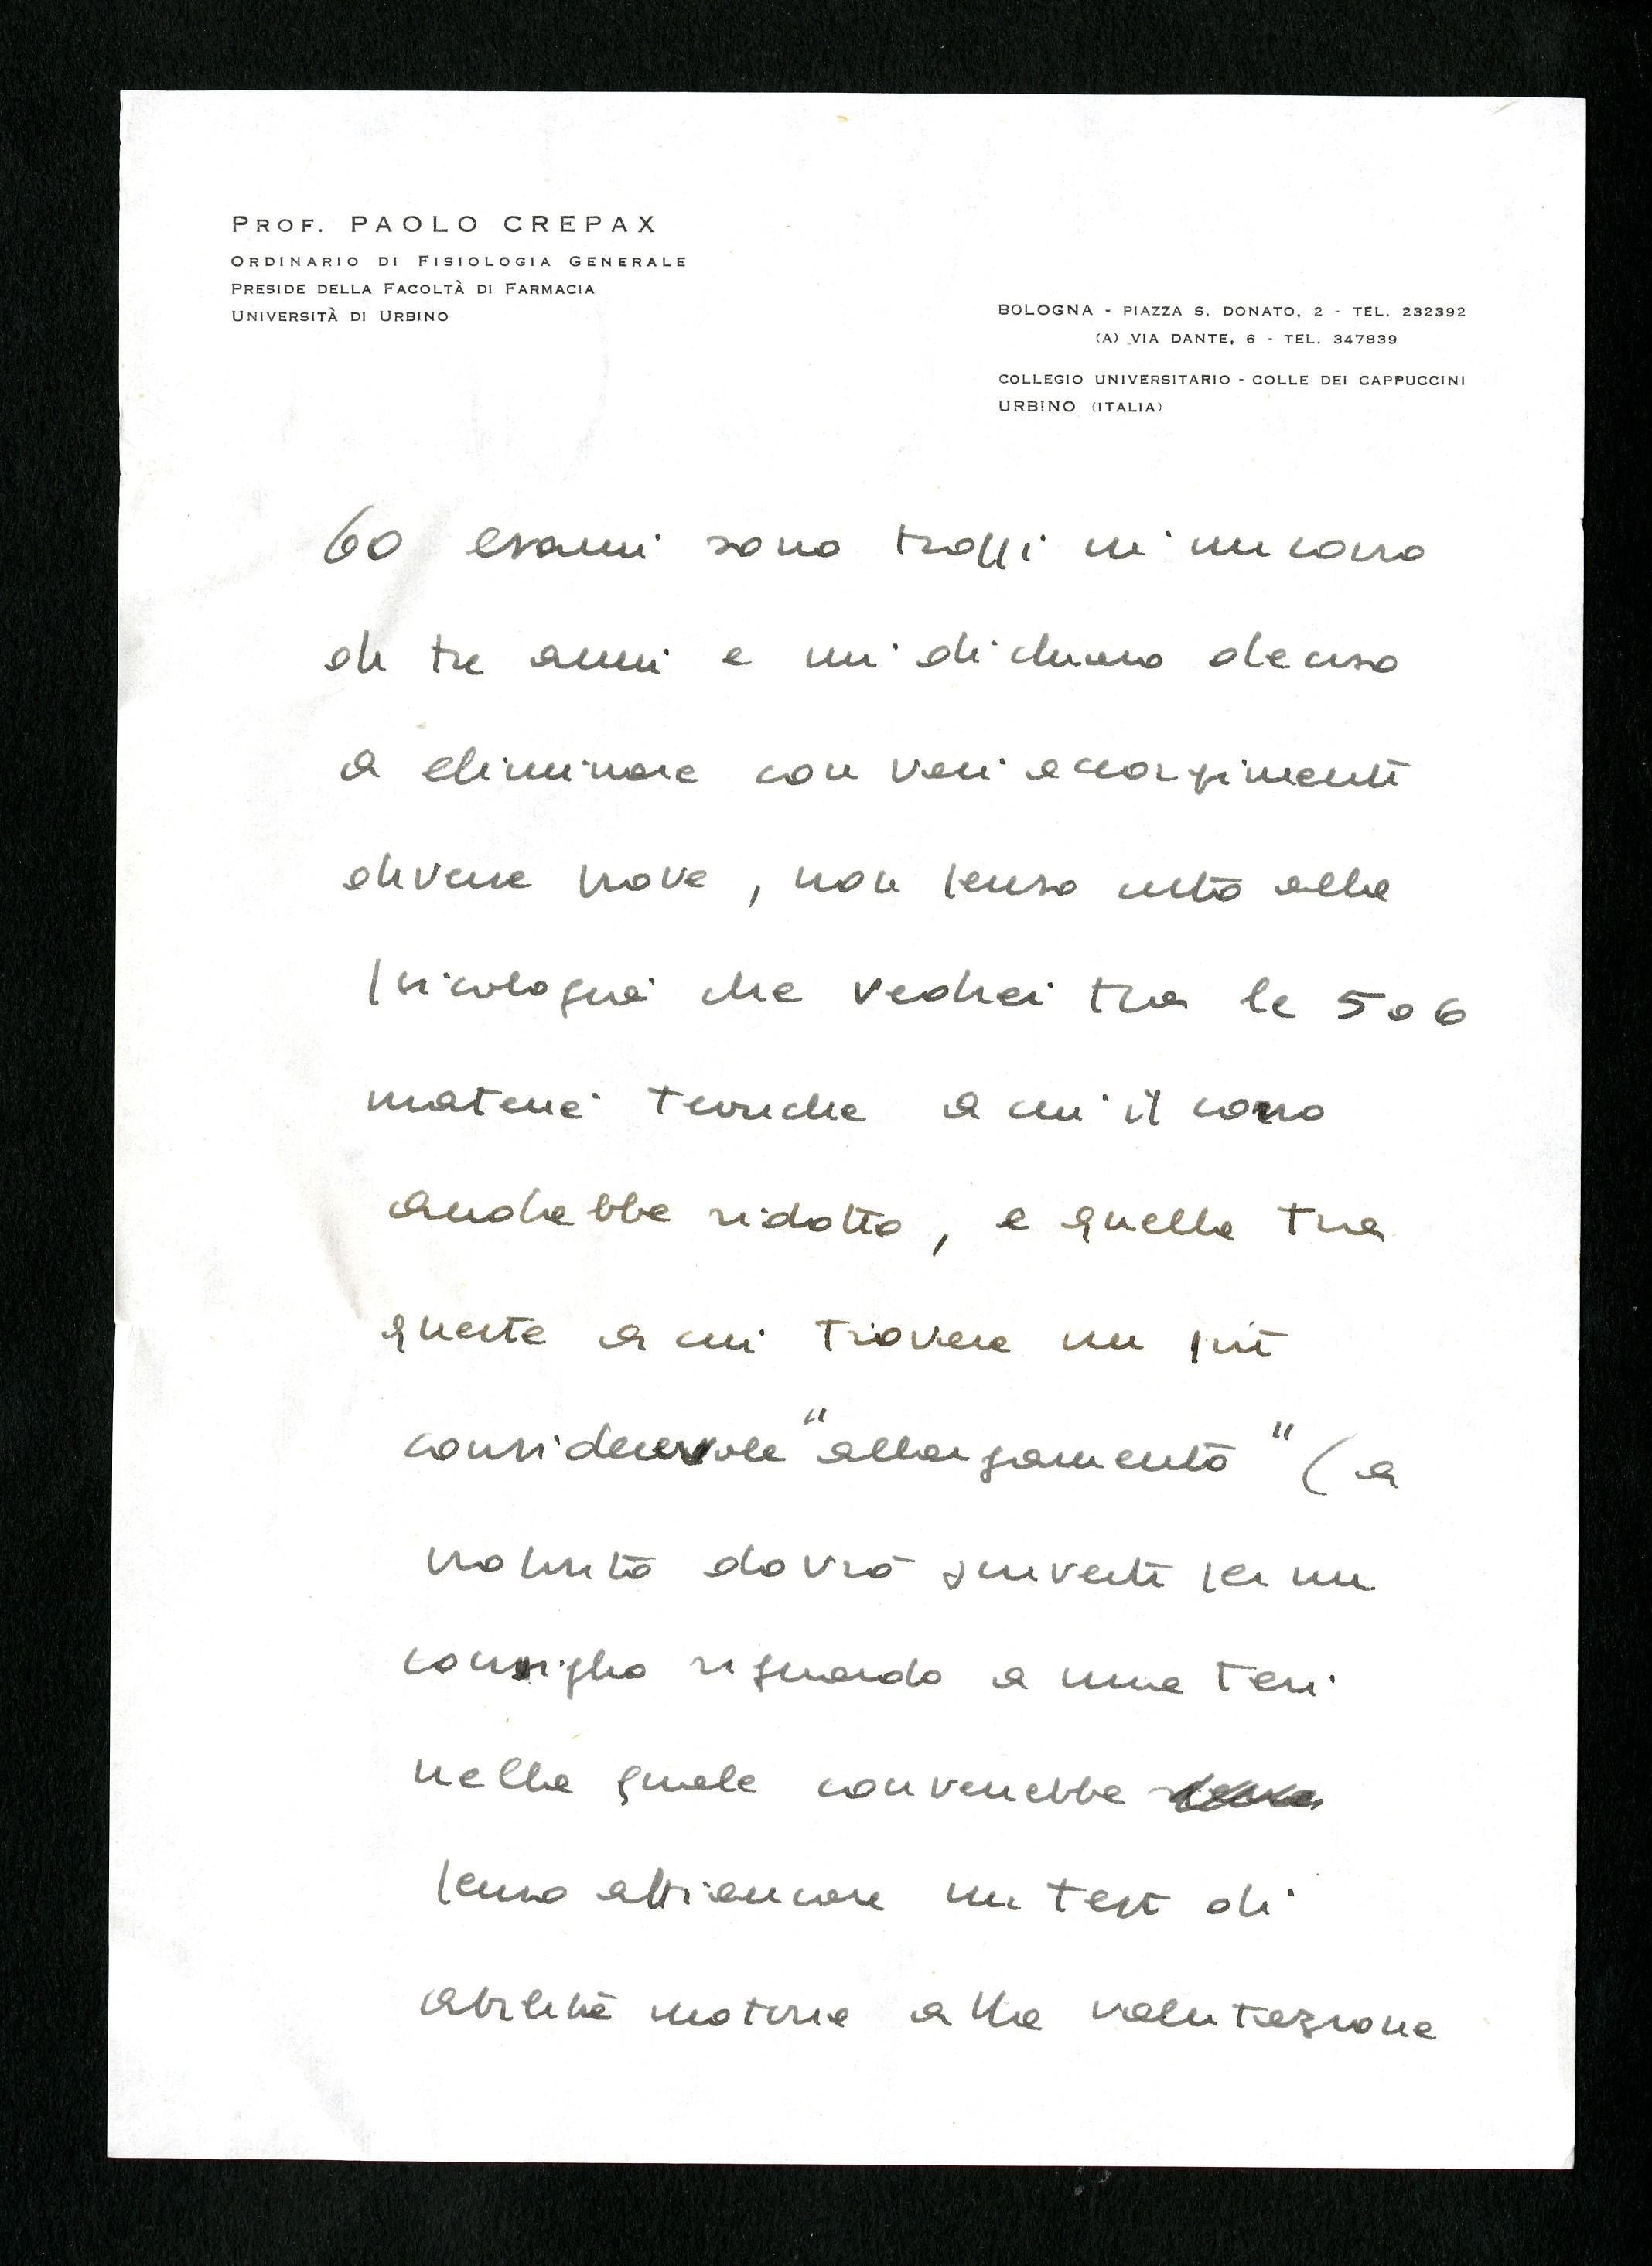 Crepax Paolo - Aspi - Archivio storico della psicologia italiana 87c51ab9caf0